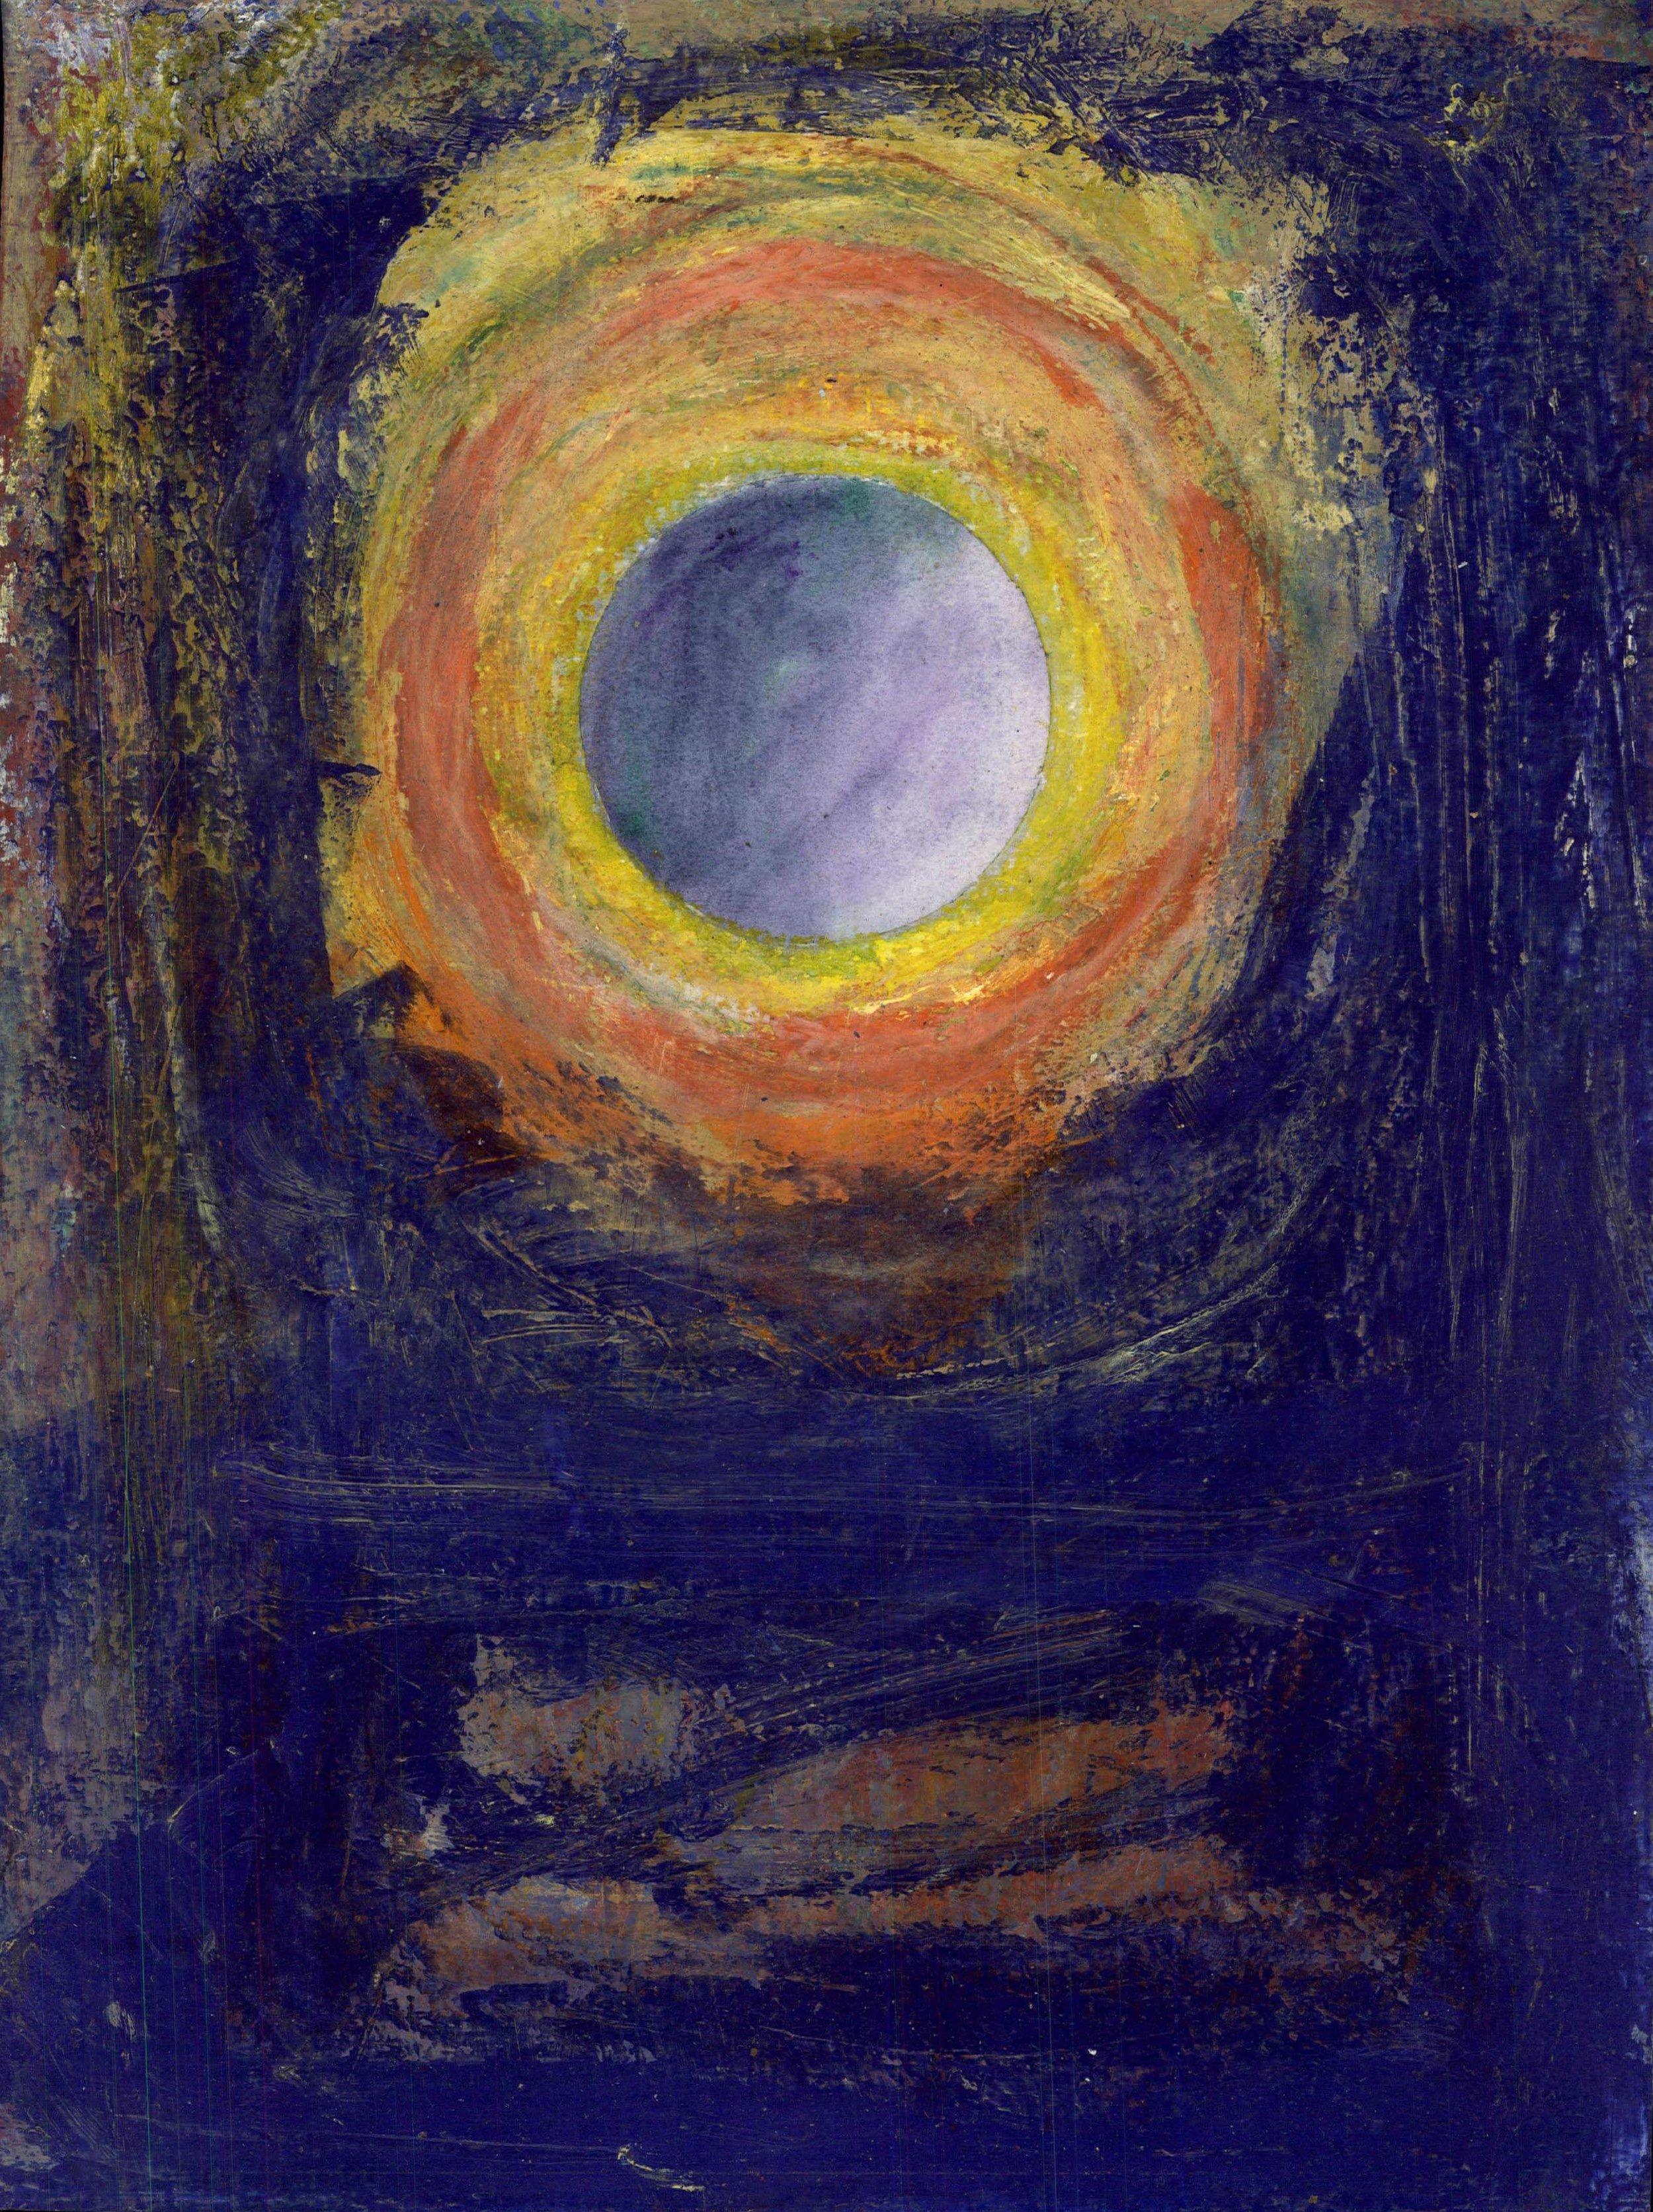 Ecliptic Meditations VI